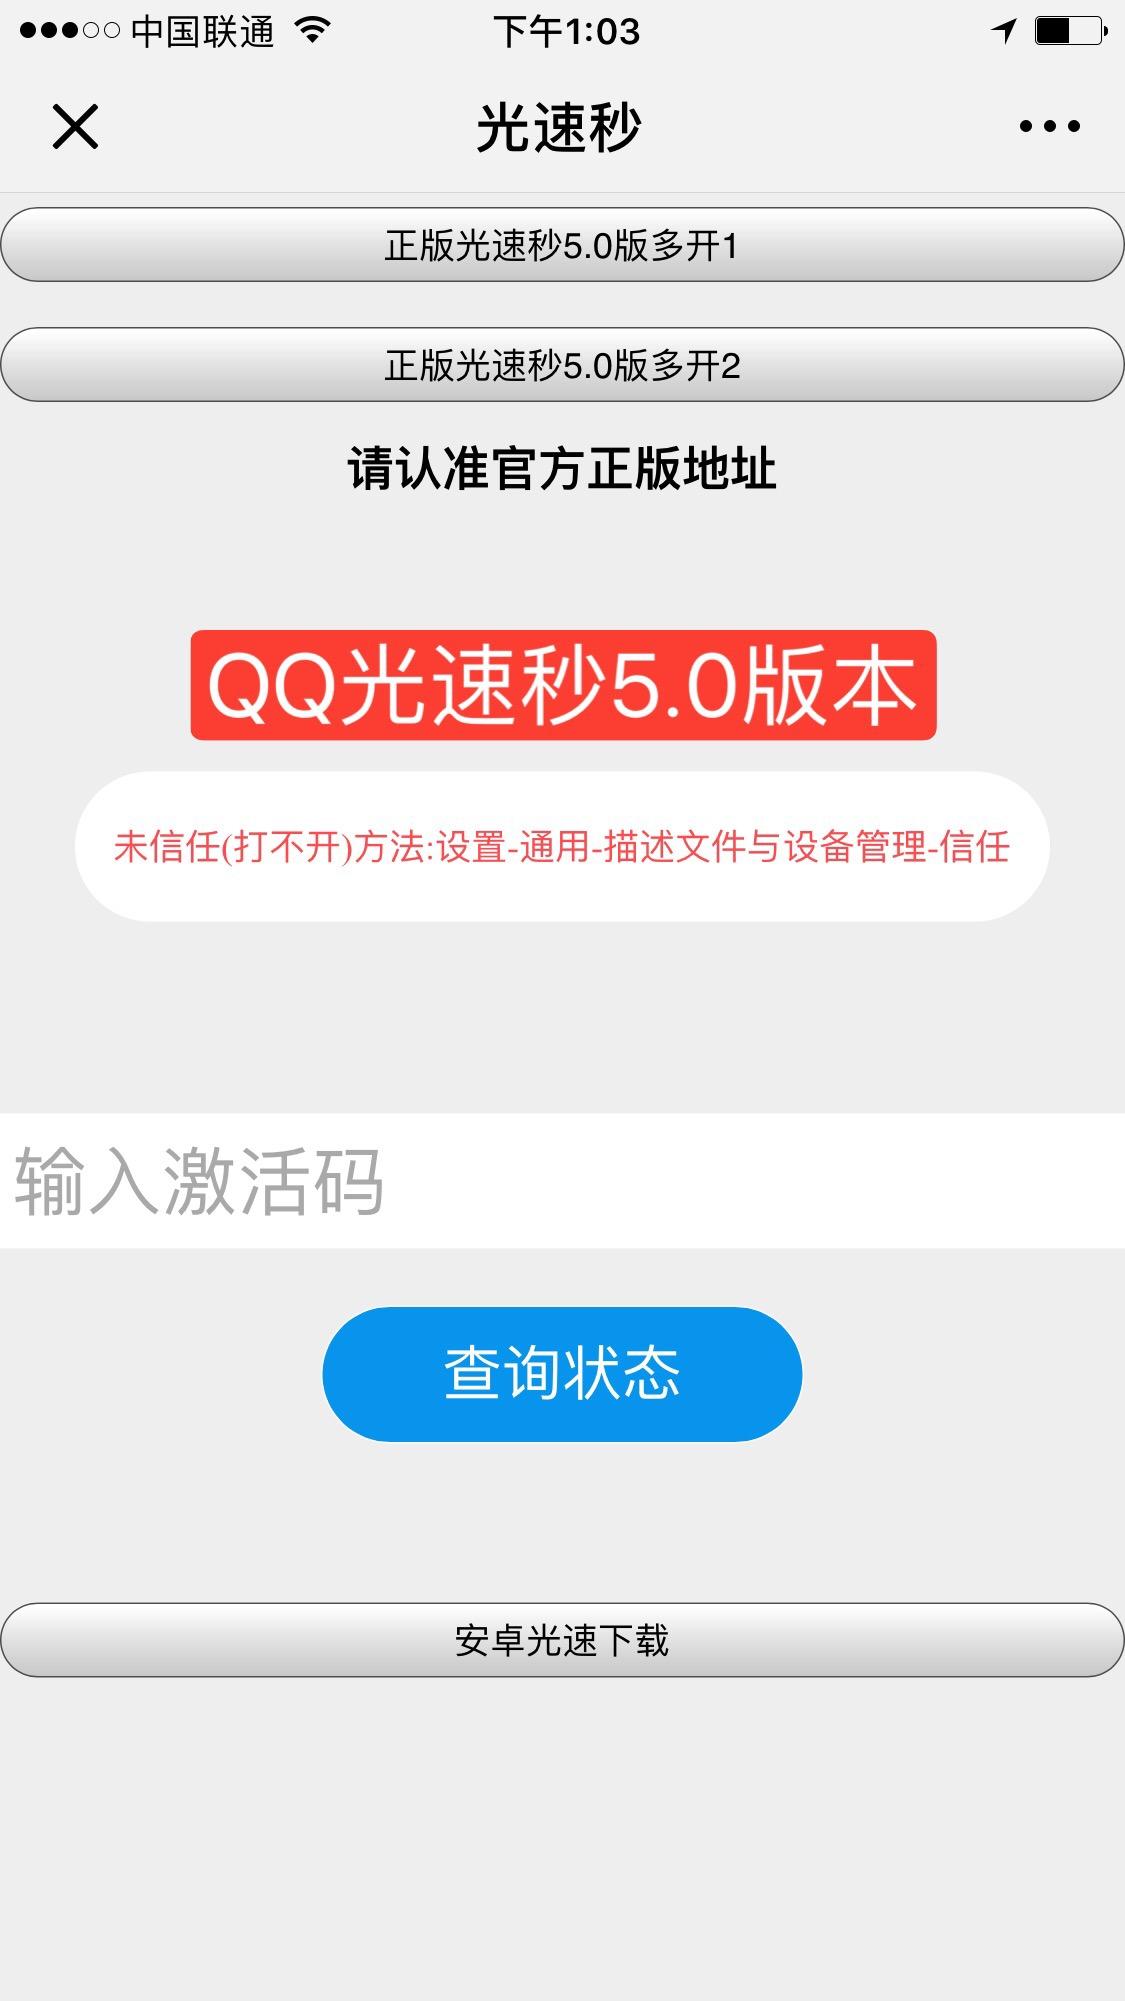 安卓版QQ有没有多